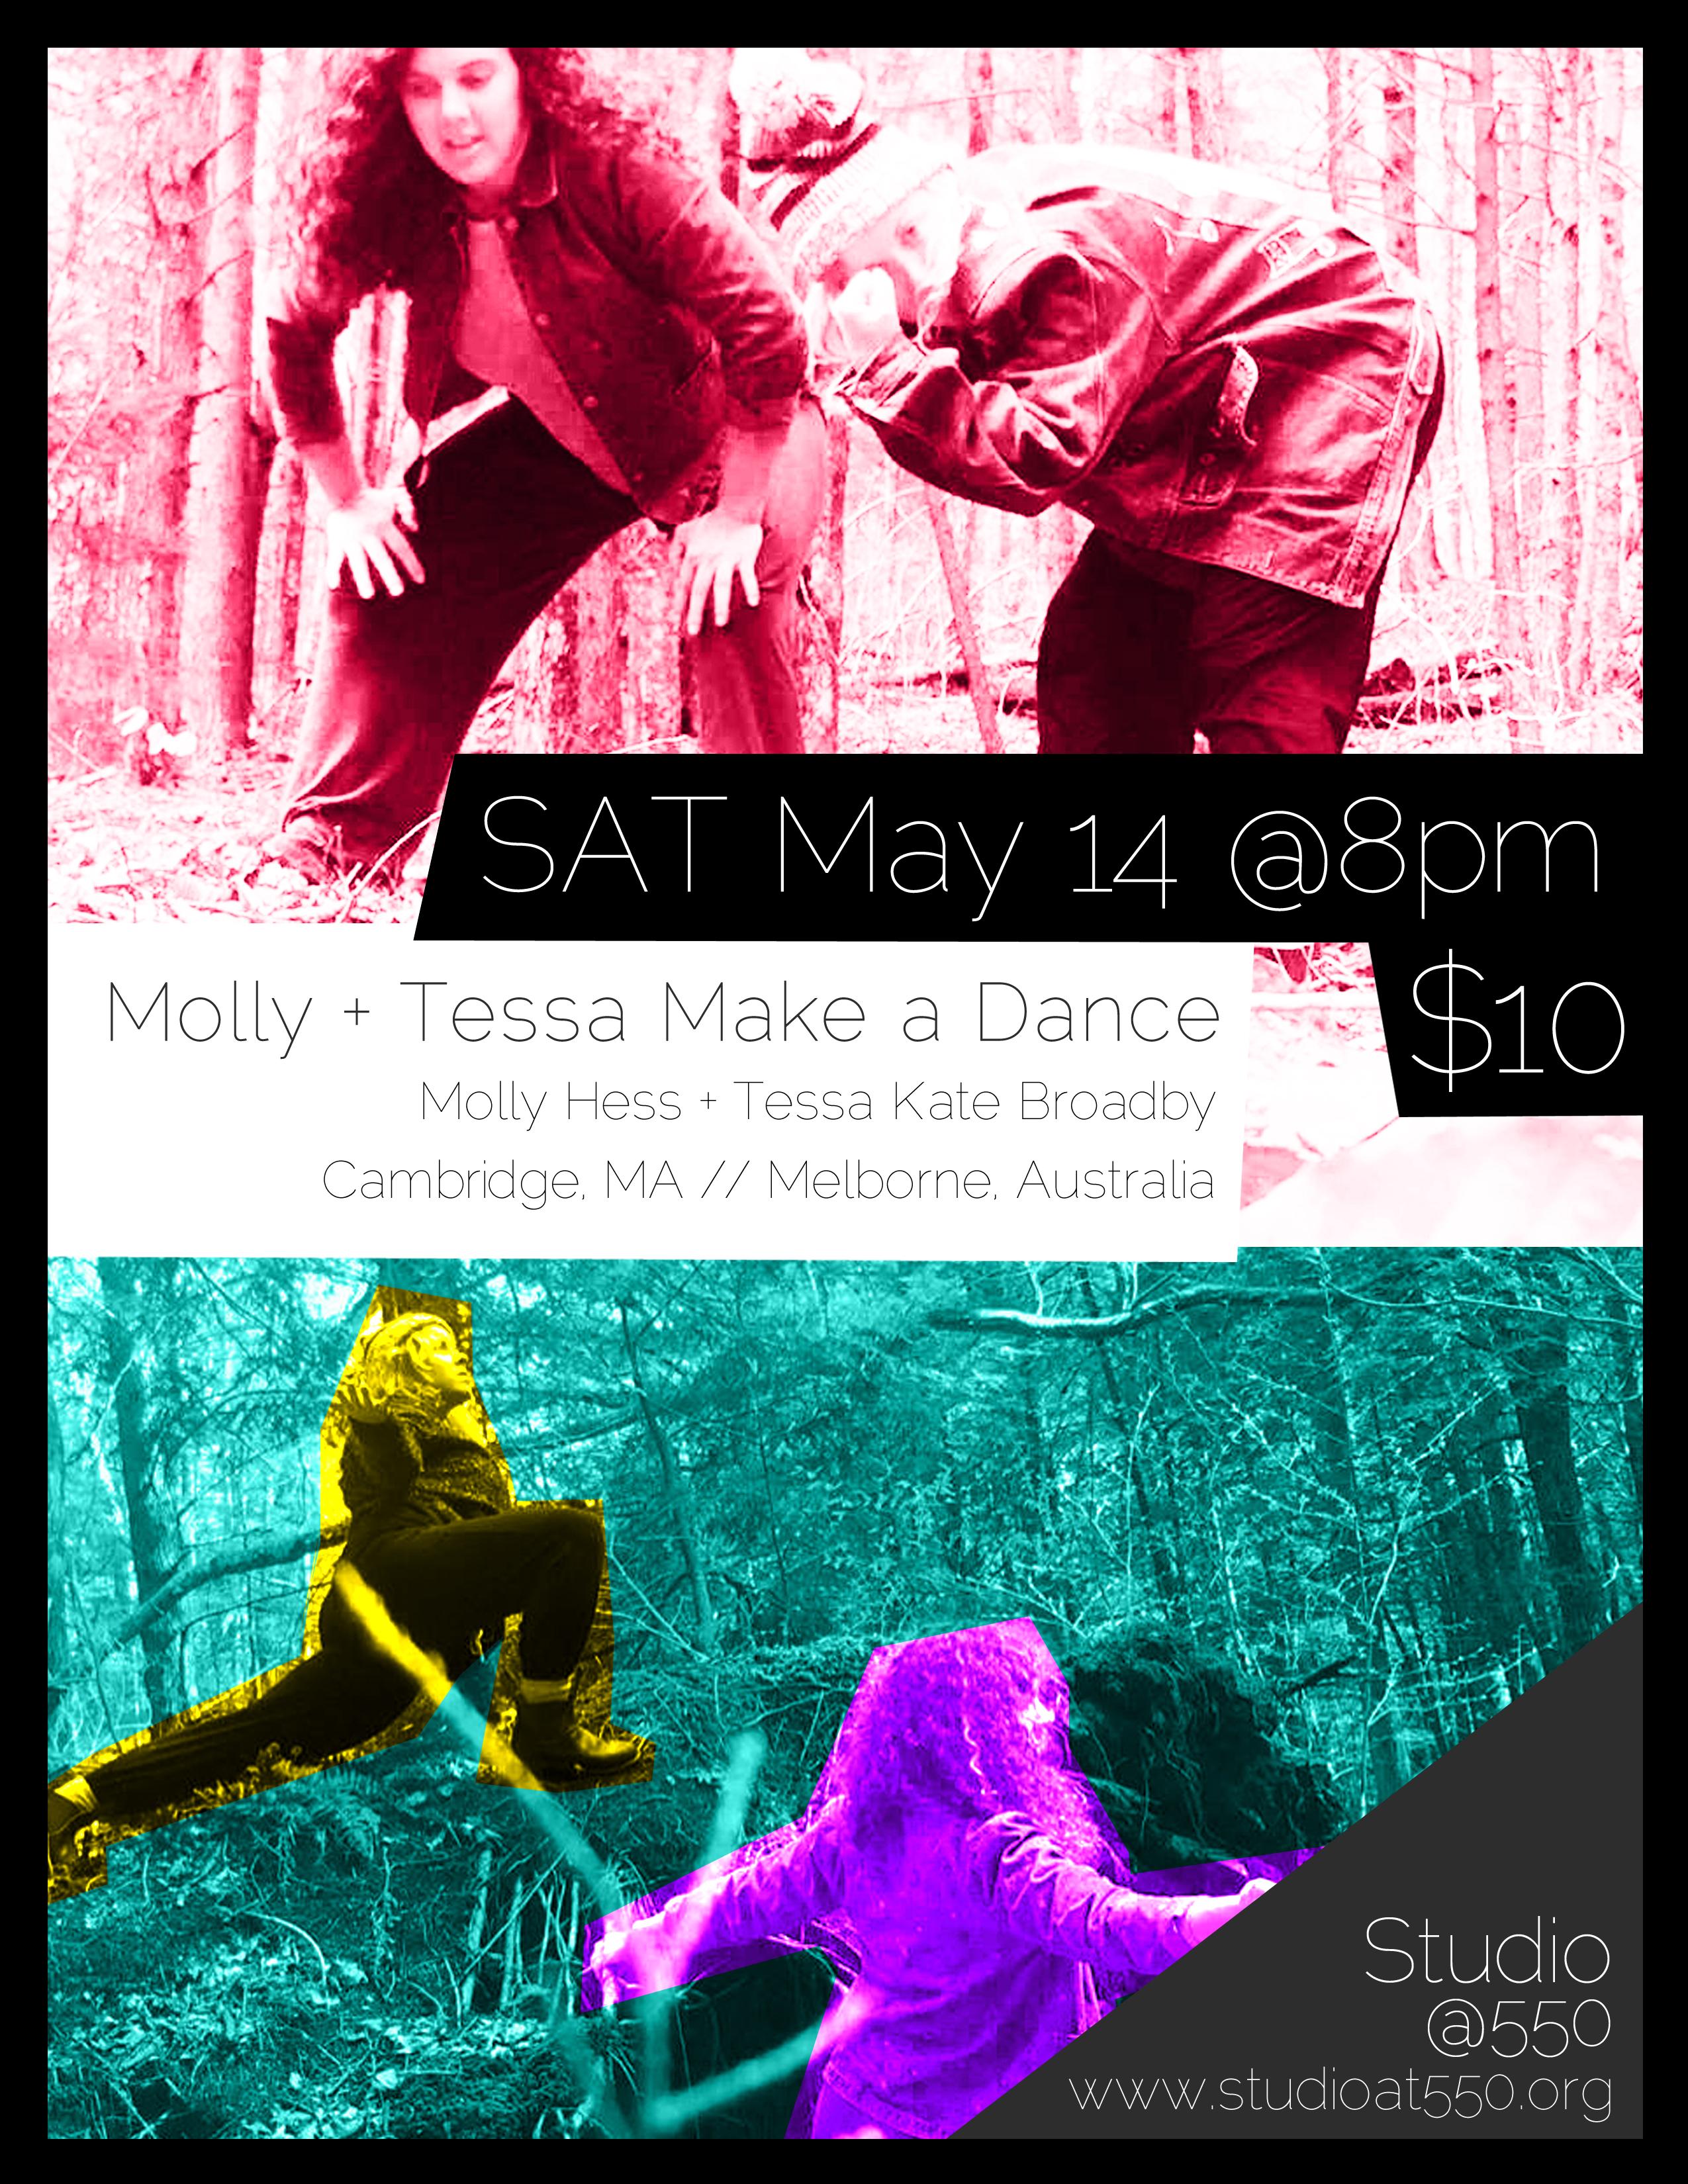 Molly + Tessa Make a Dance